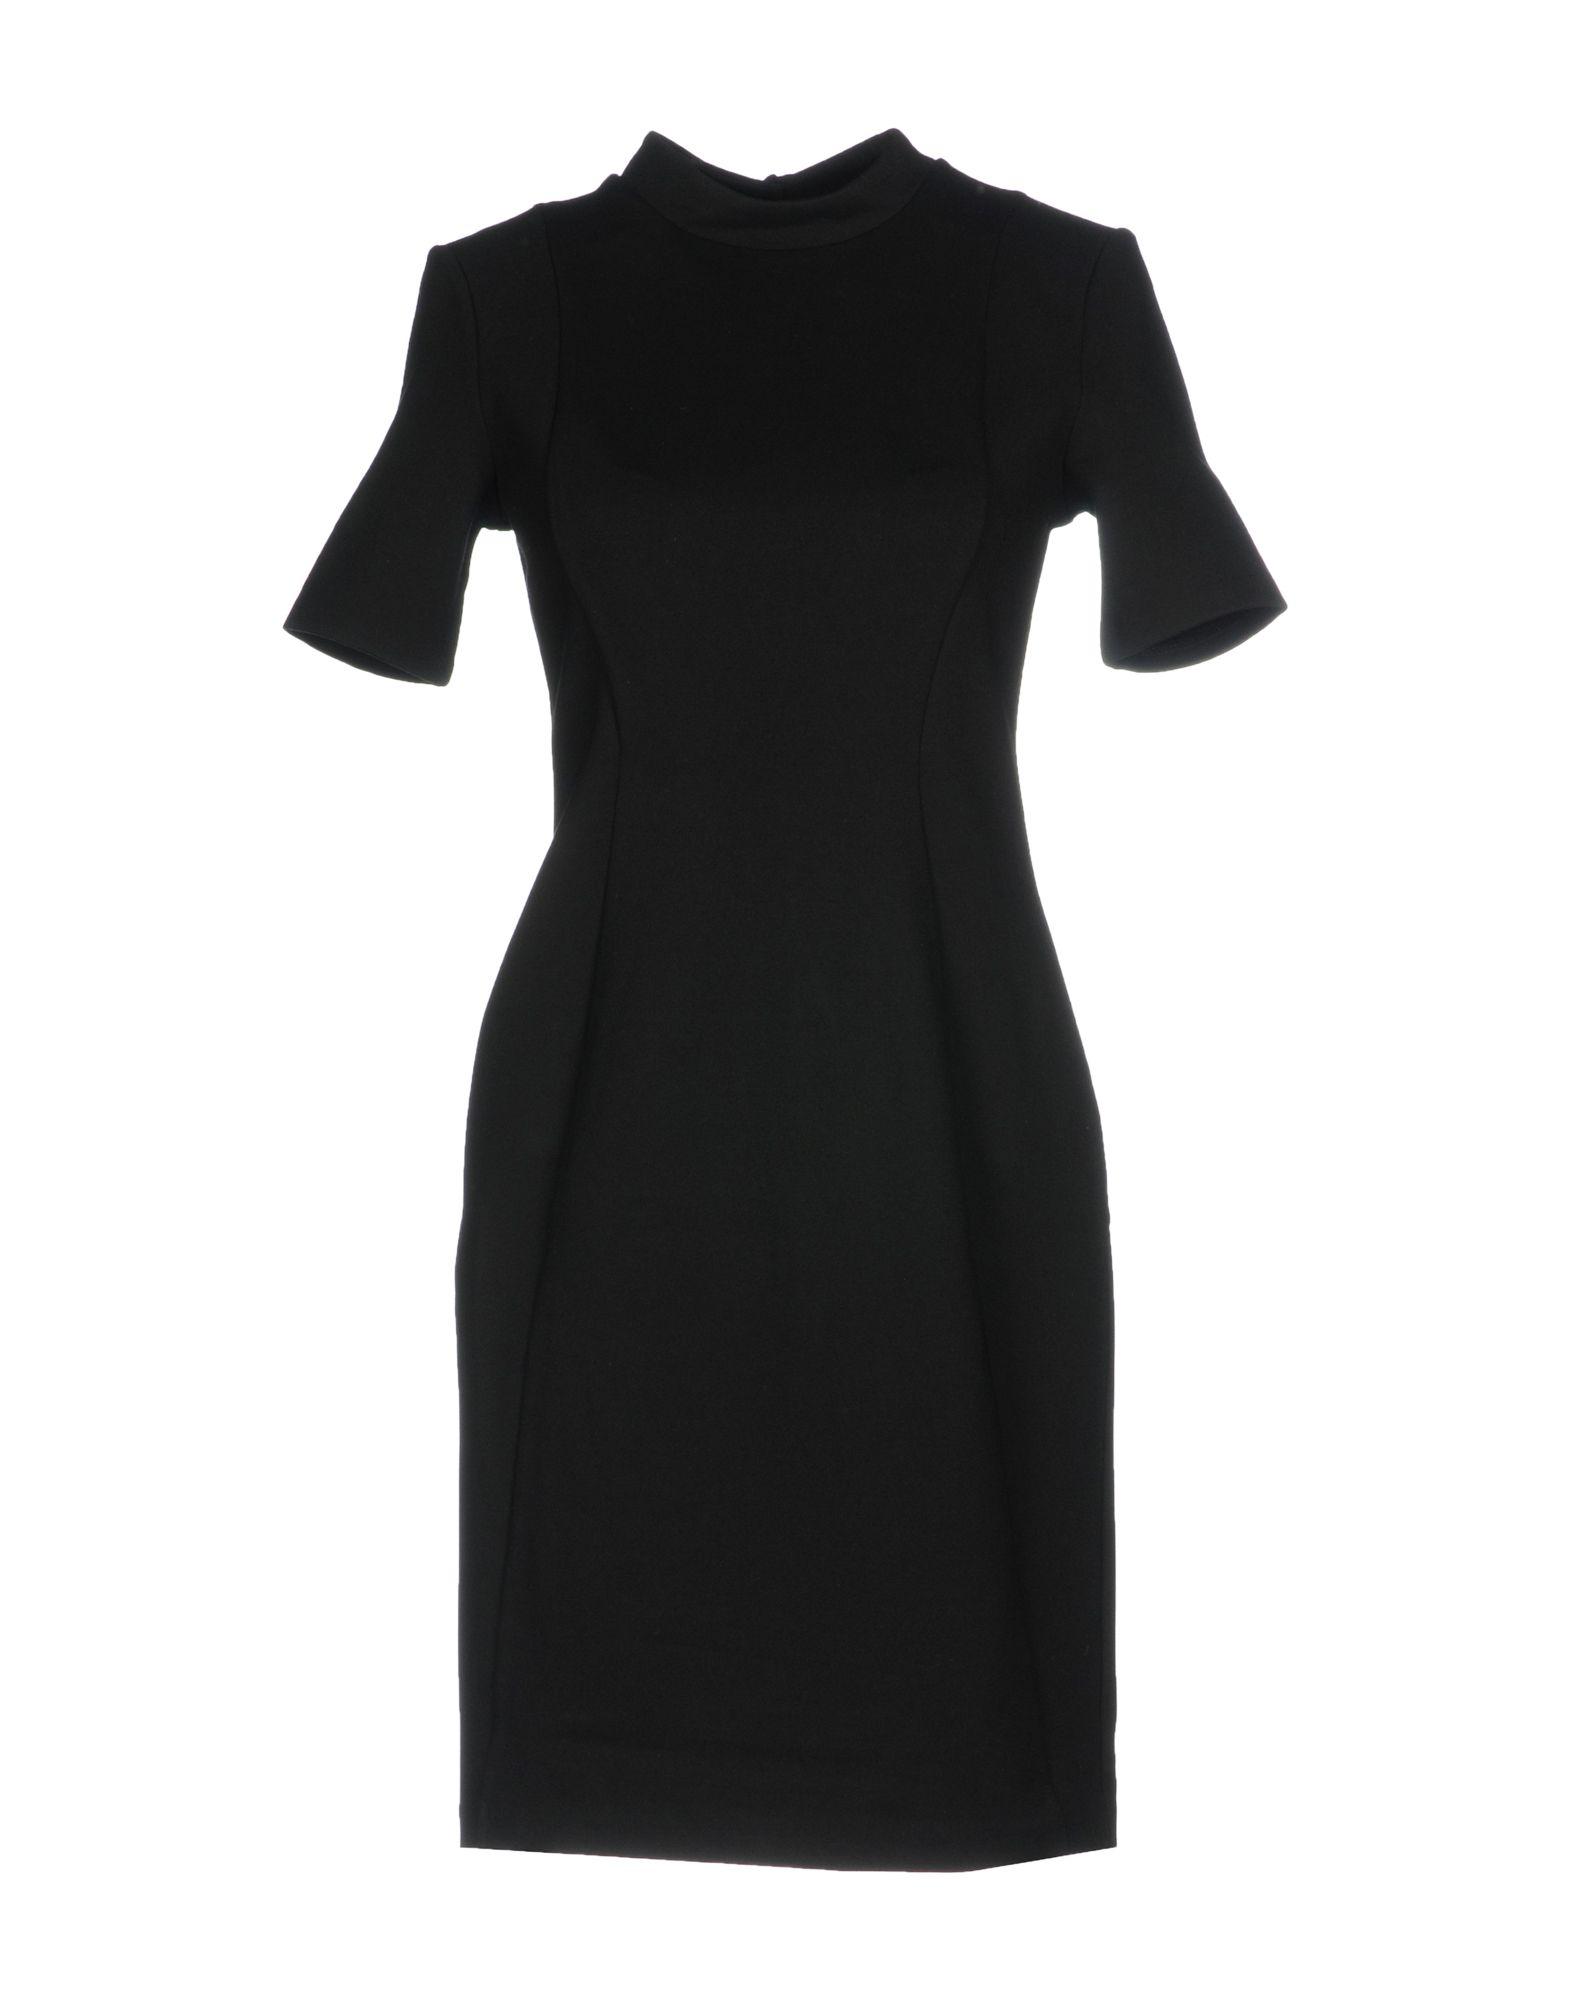 Y.A.S. Damen Kurzes Kleid Farbe Schwarz Größe 7